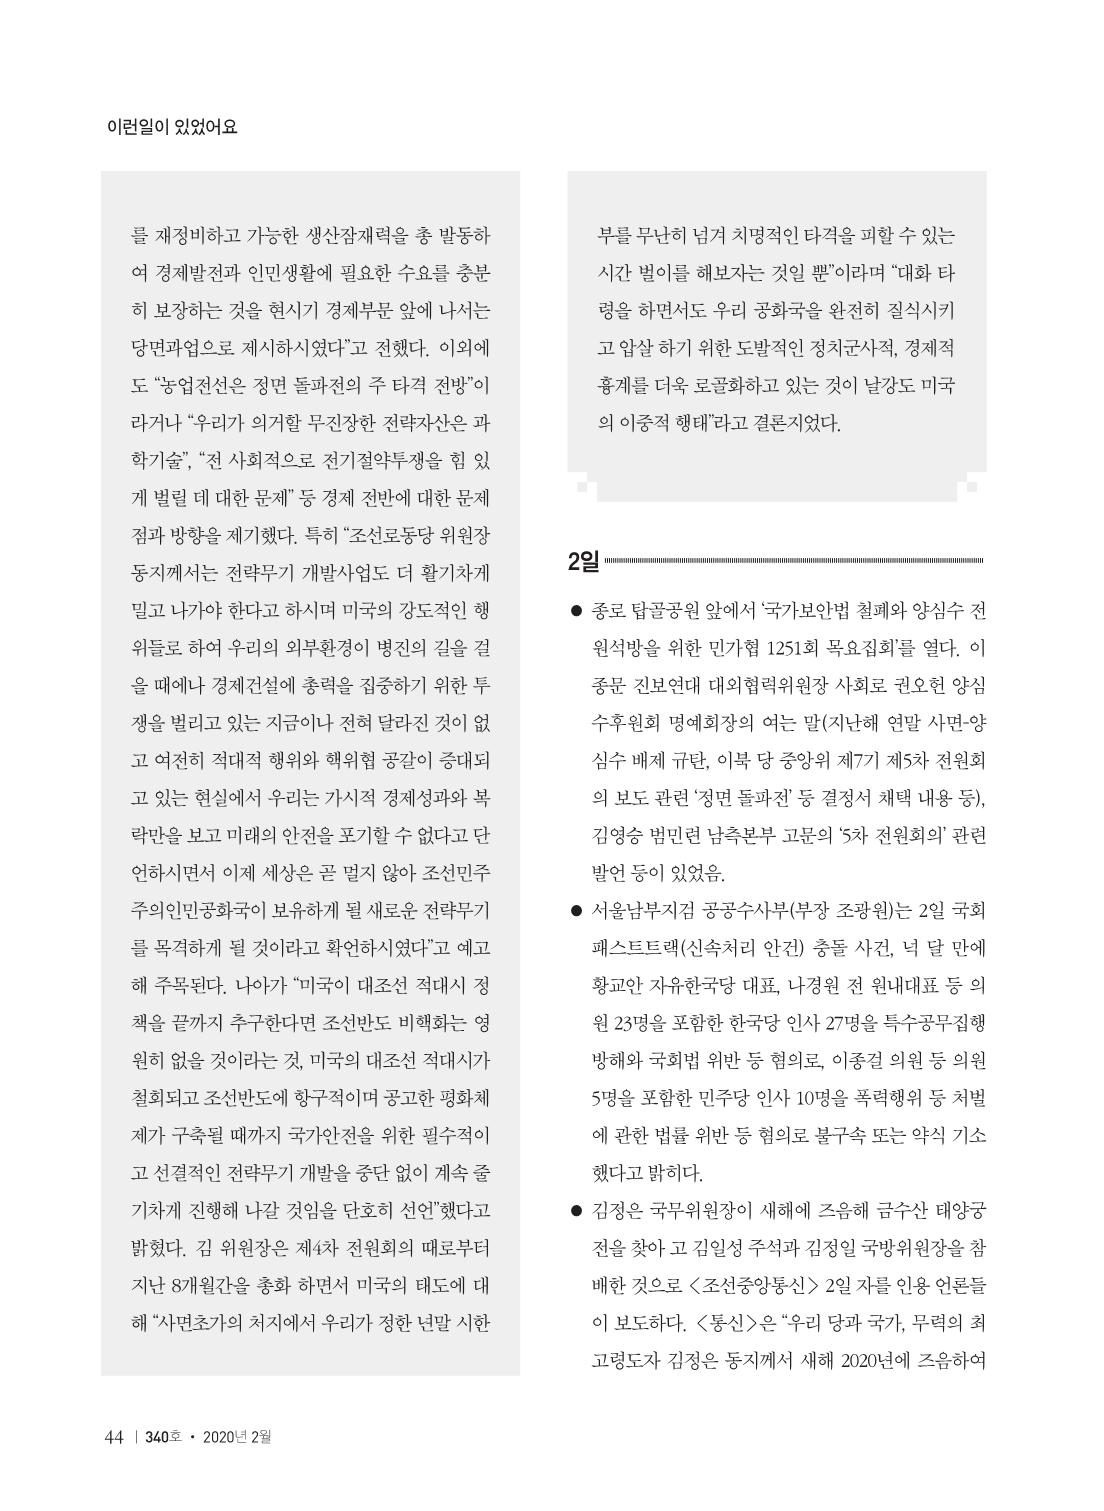 c3a550e7-2d95-46c0-bdec-64c56104ebf4.pdf-0046.png